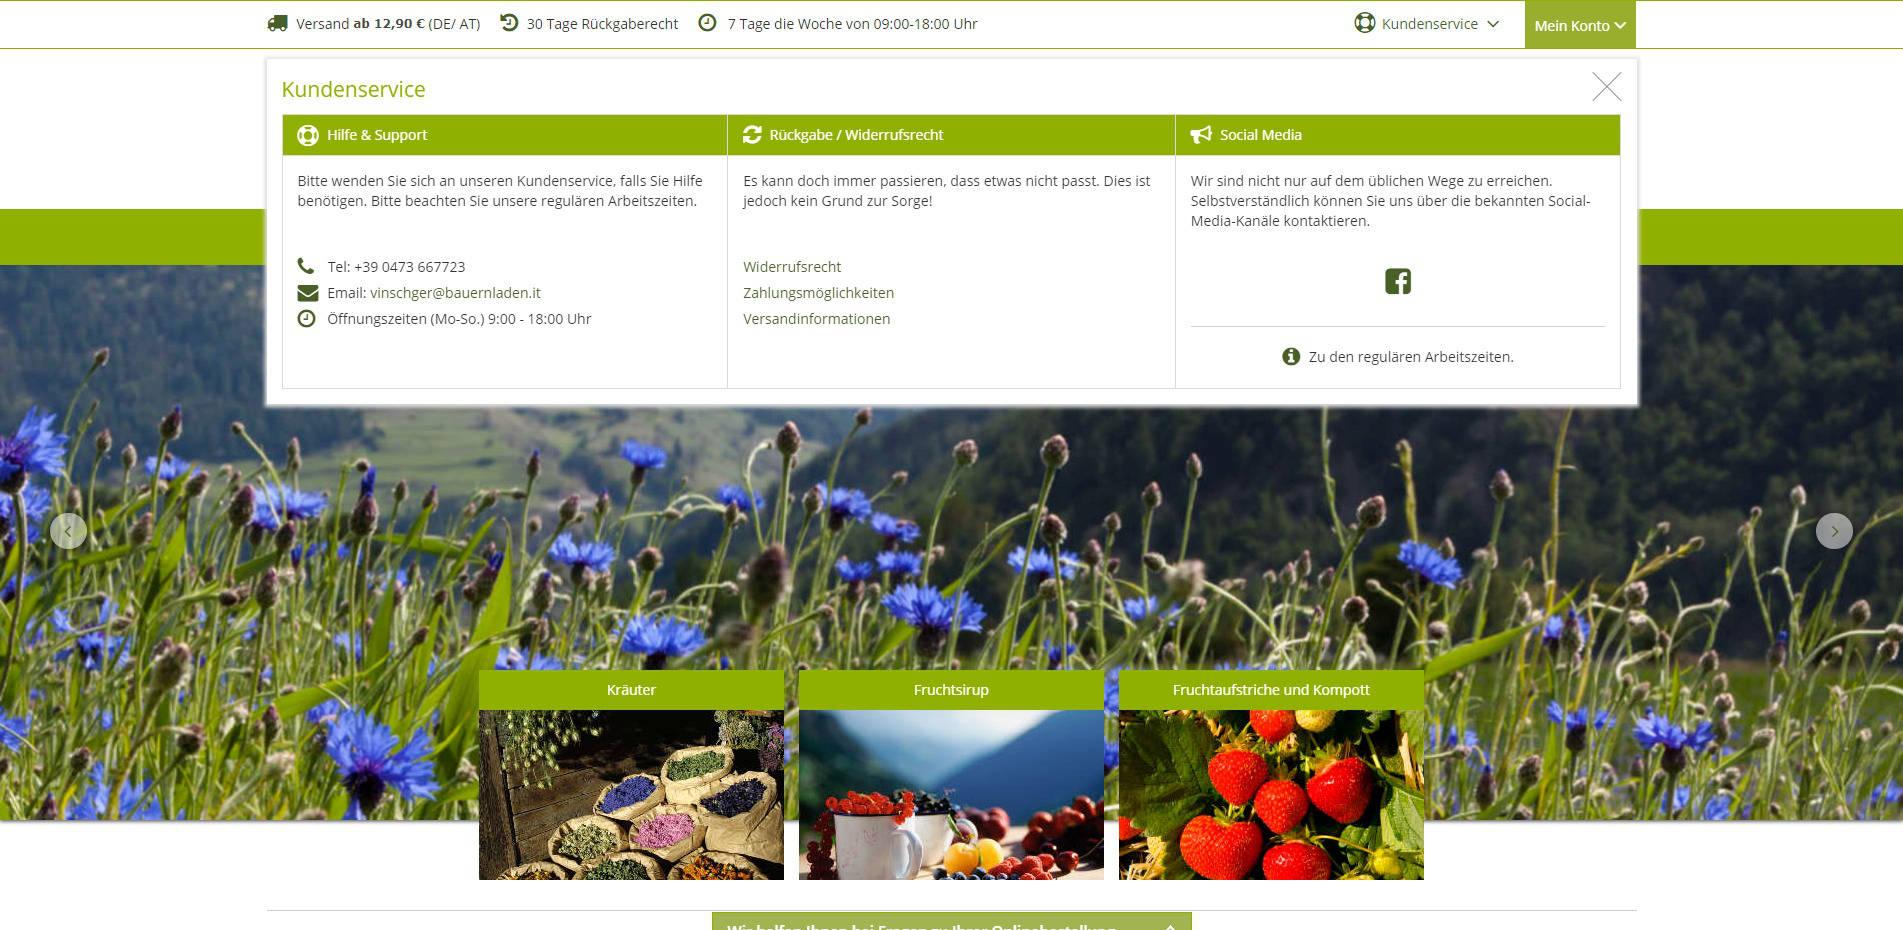 Vinschger Bauerladen Kundenservice